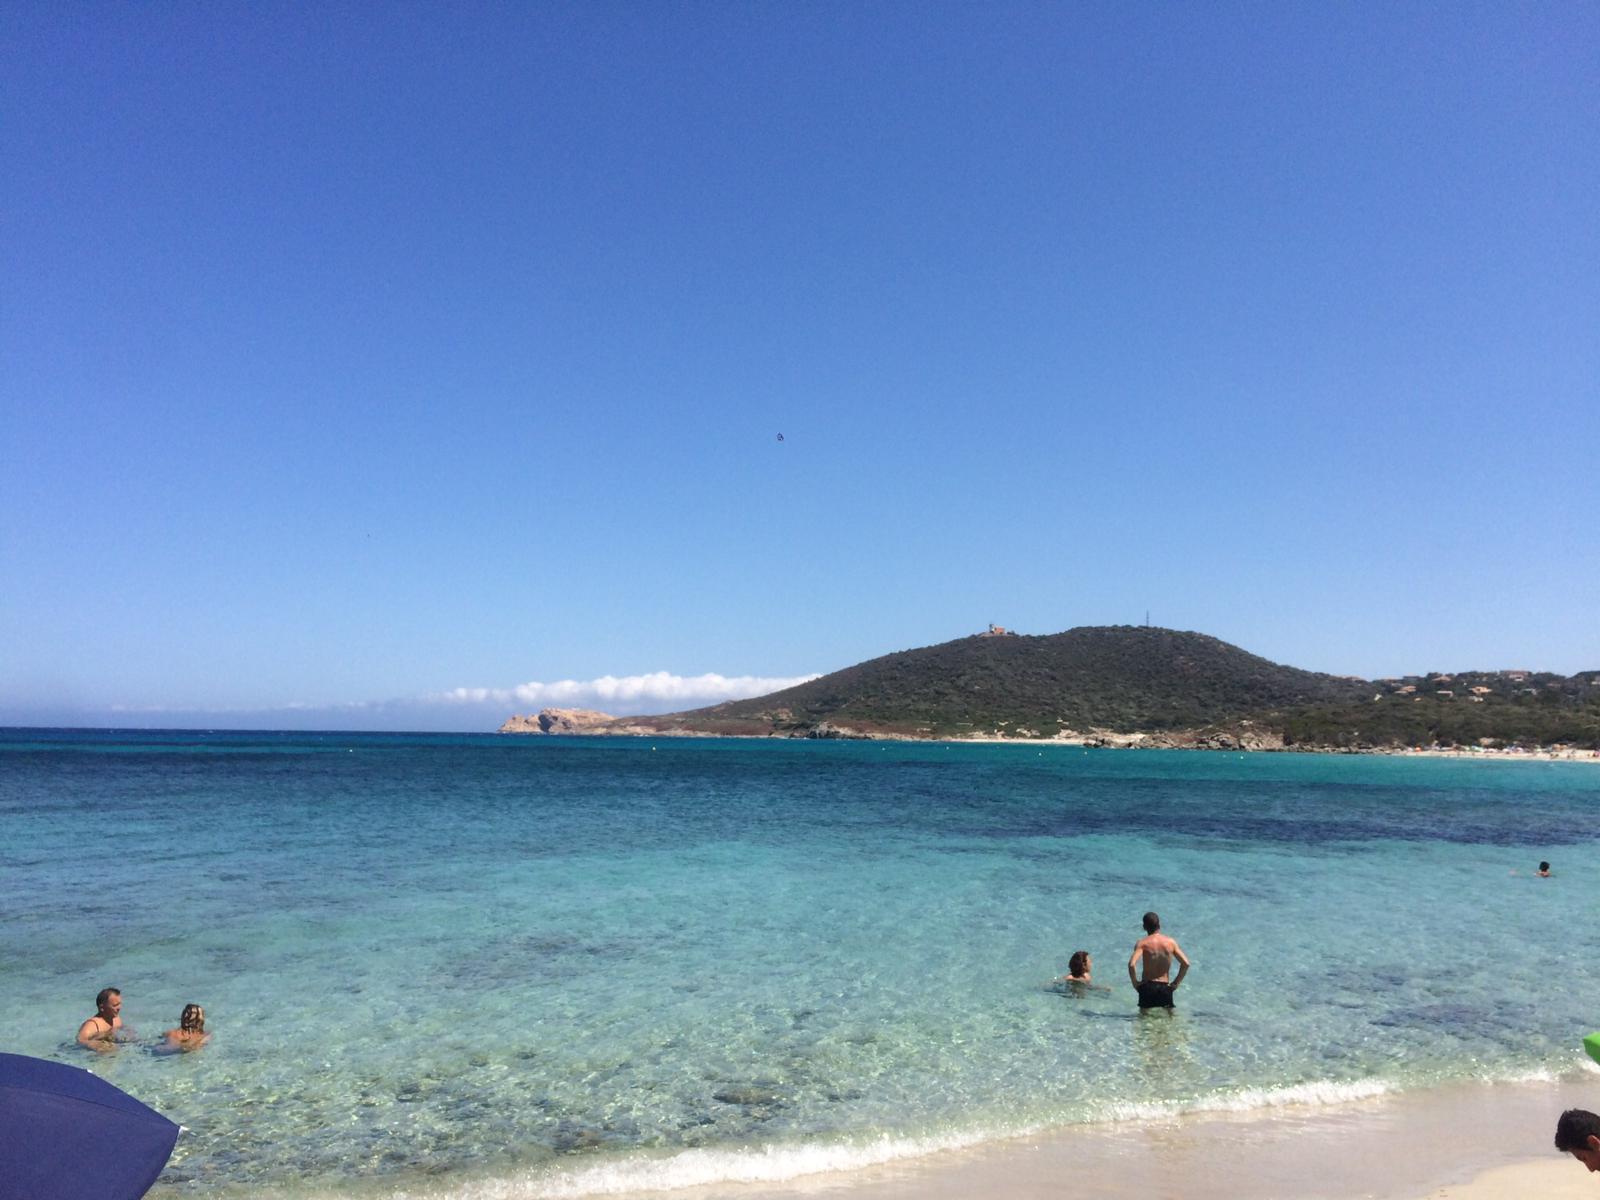 La spiaggia di Ghjunchitu, vicino a Ile Rousse.